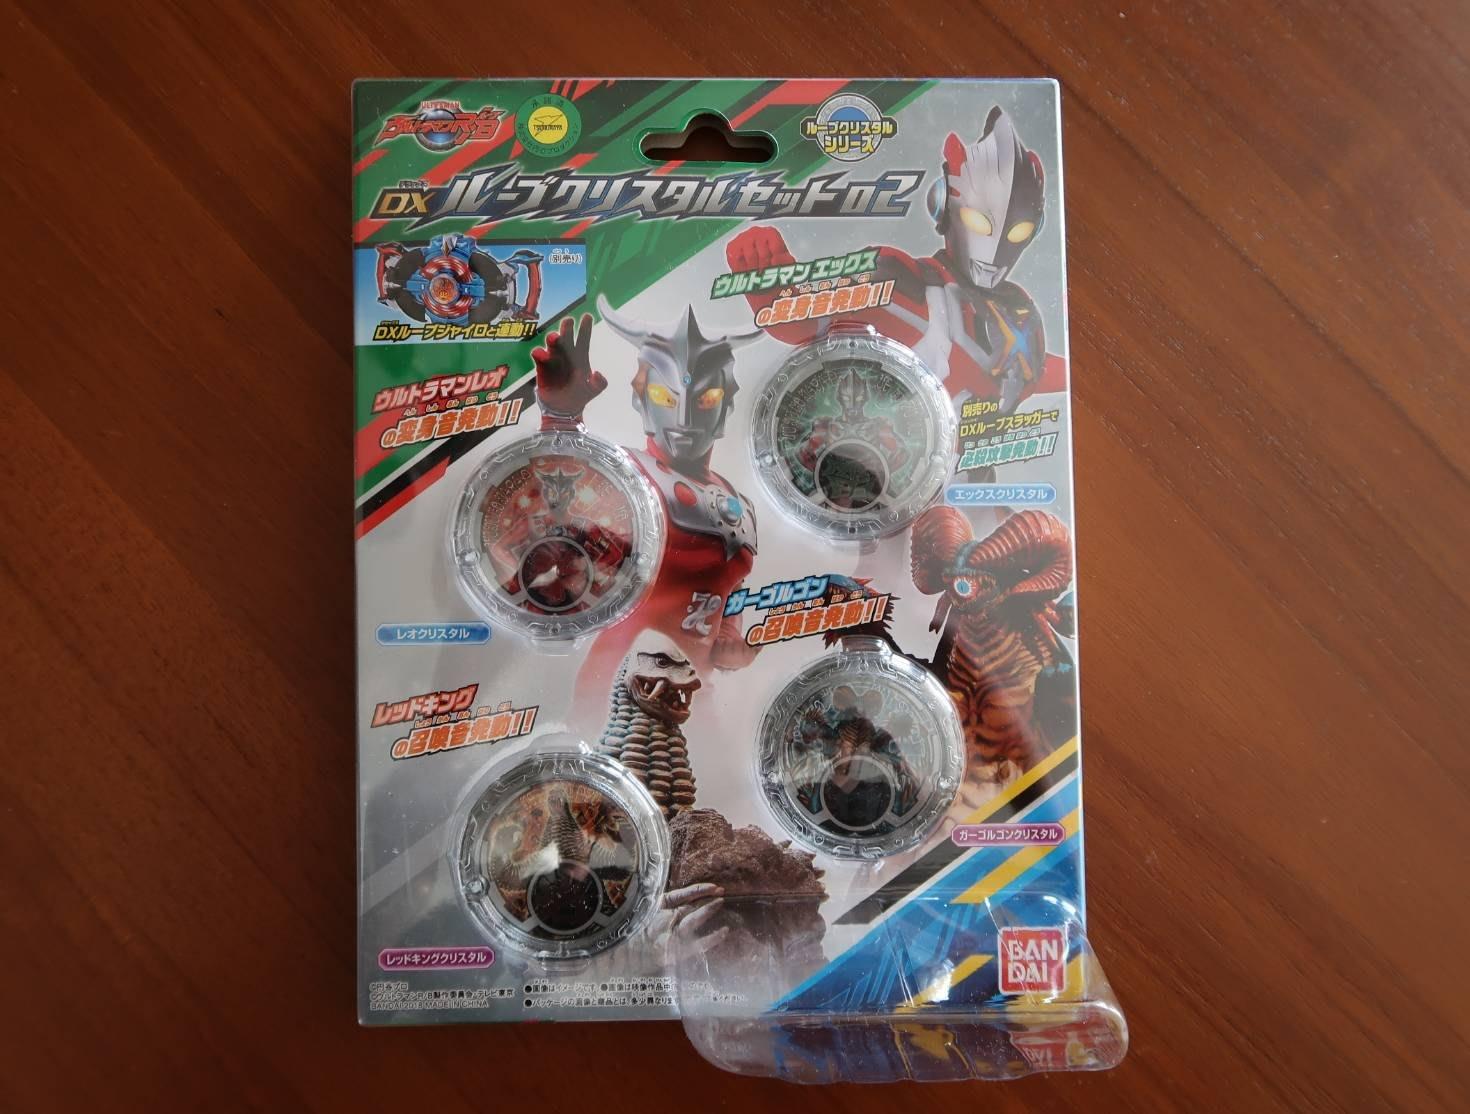 ☻解憂雜貨店☻『出清!』 日本購回 BANDAI 超人力霸王 DX R/B 羅布  變身器 迴旋儀專用  水晶套組【A】